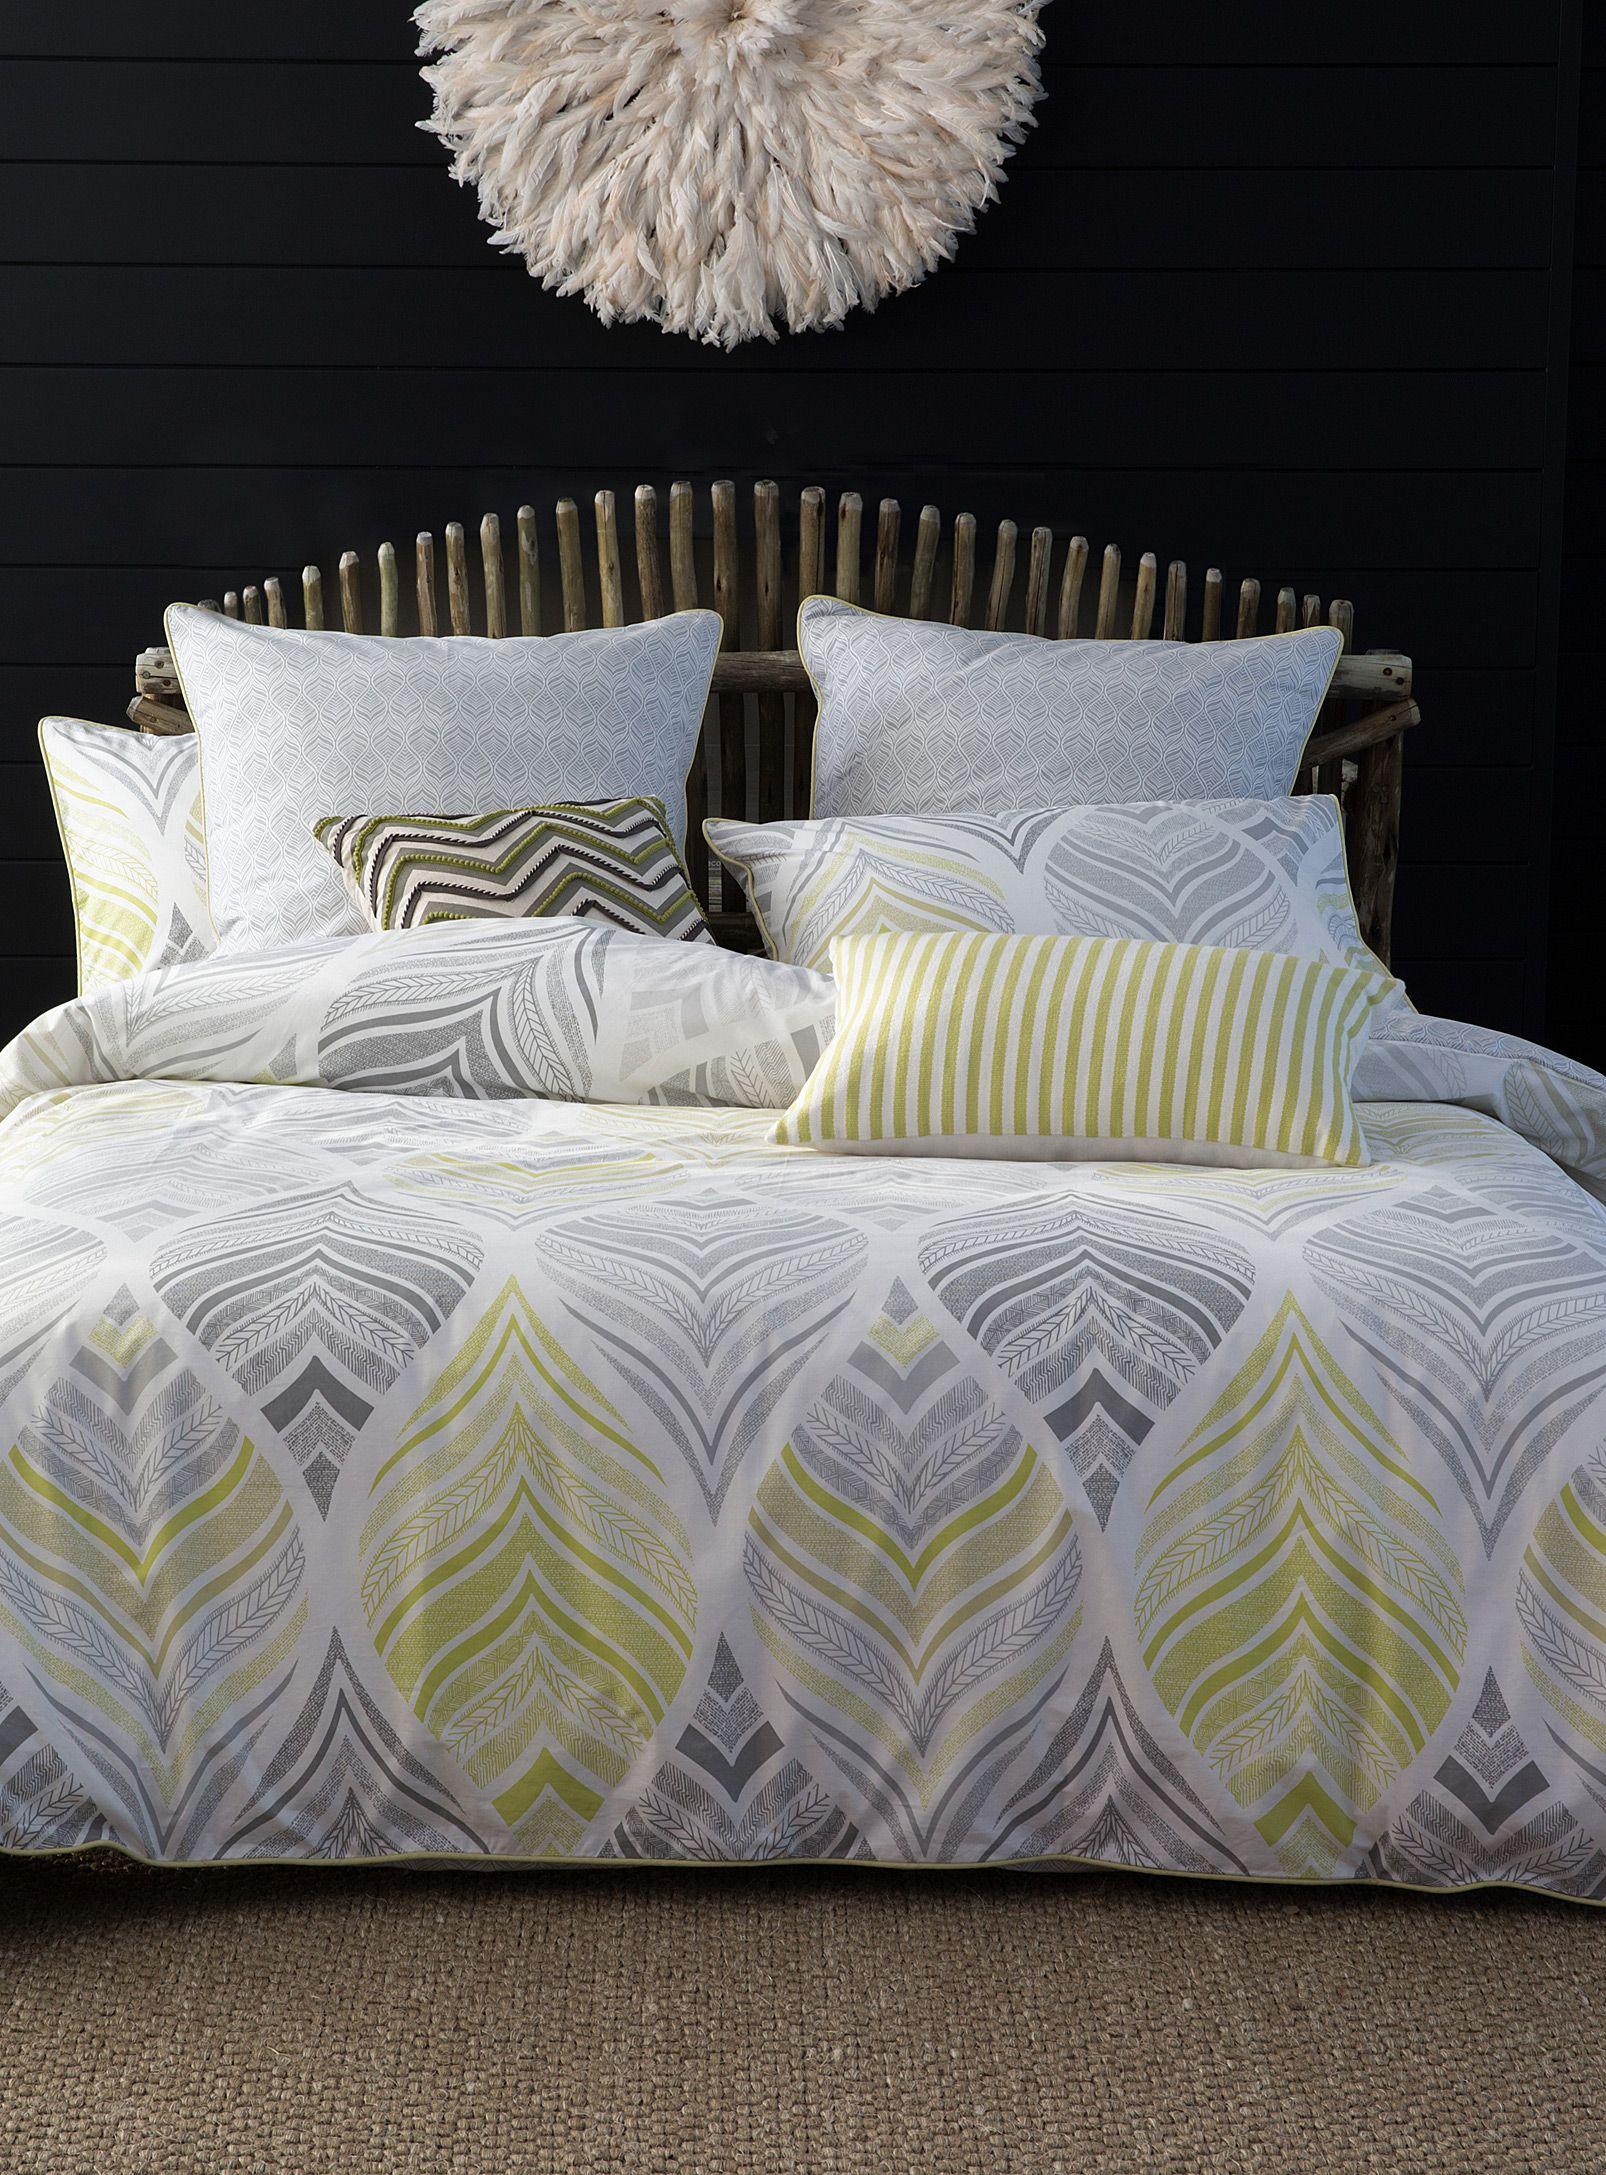 housses de couettes et douillettes en duvet en ligne simons couette pinterest housses de. Black Bedroom Furniture Sets. Home Design Ideas